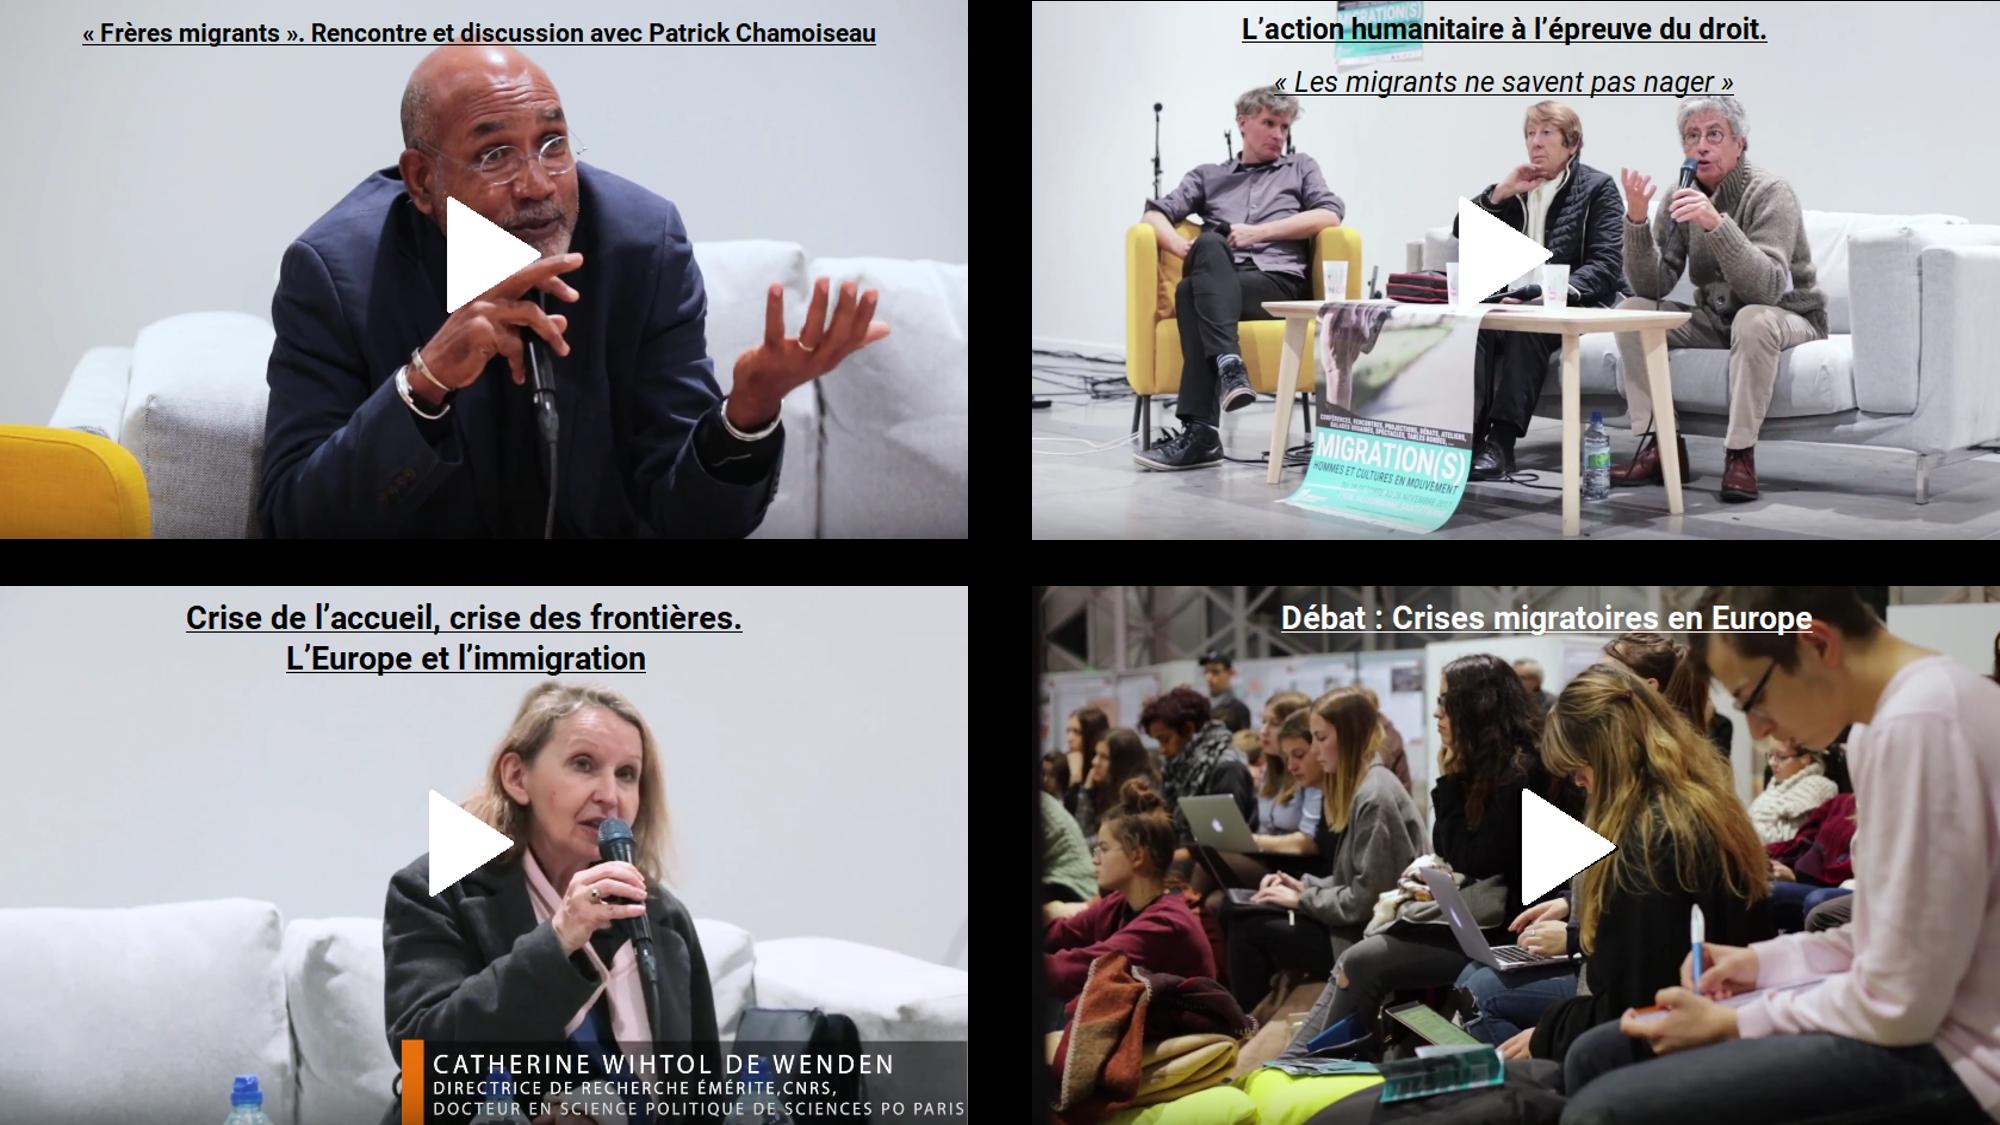 conférence, humanitaire, migration, mémoire, chamoiseau, europe, frontières, droit, méditerranée